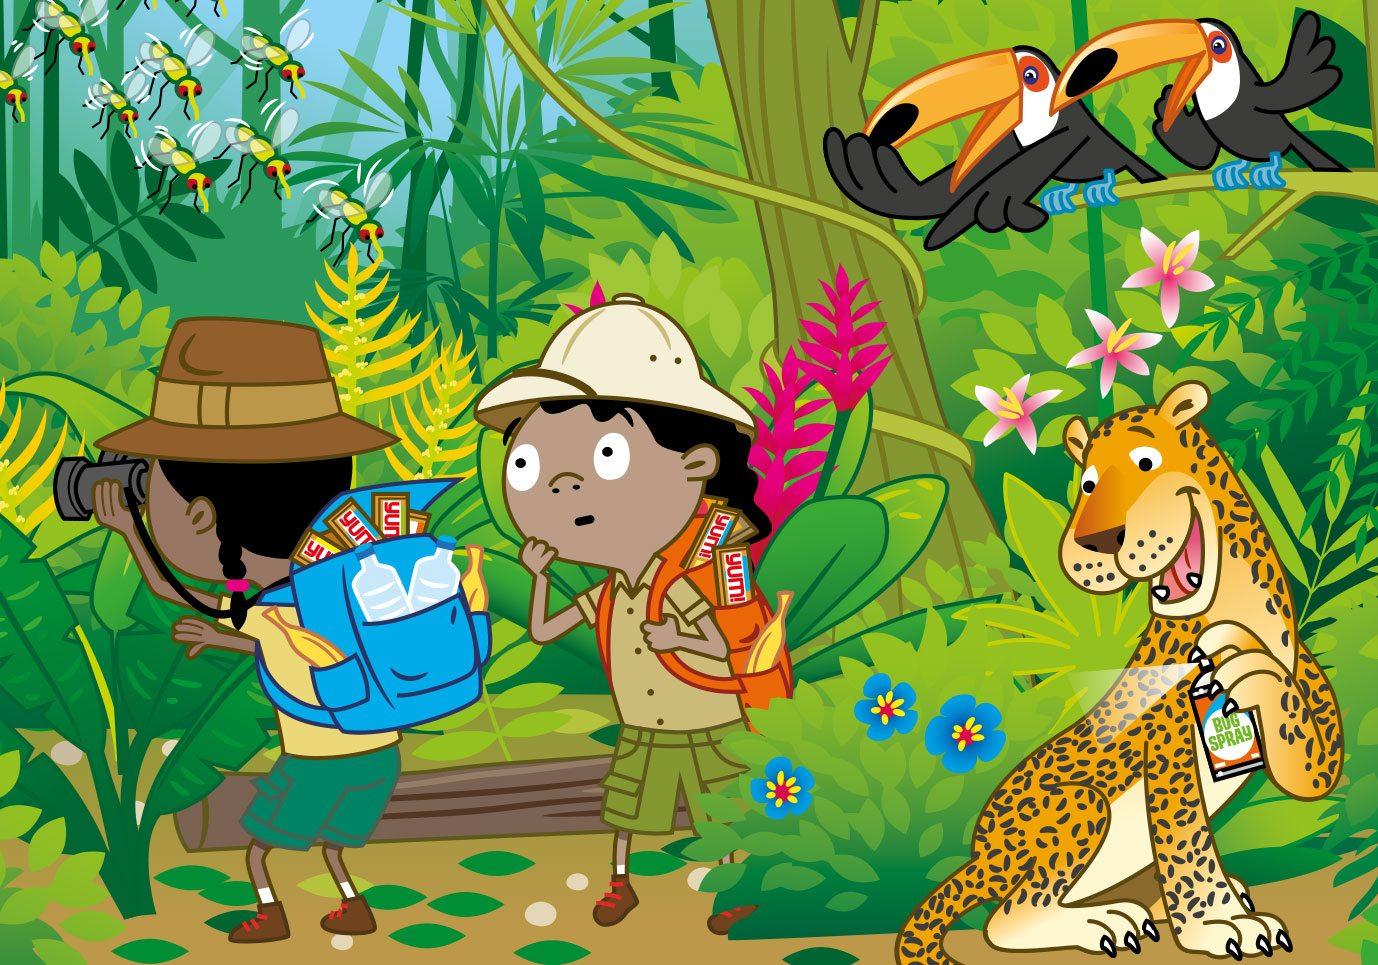 English writing framework quest. Rainforest clipart rainforest person